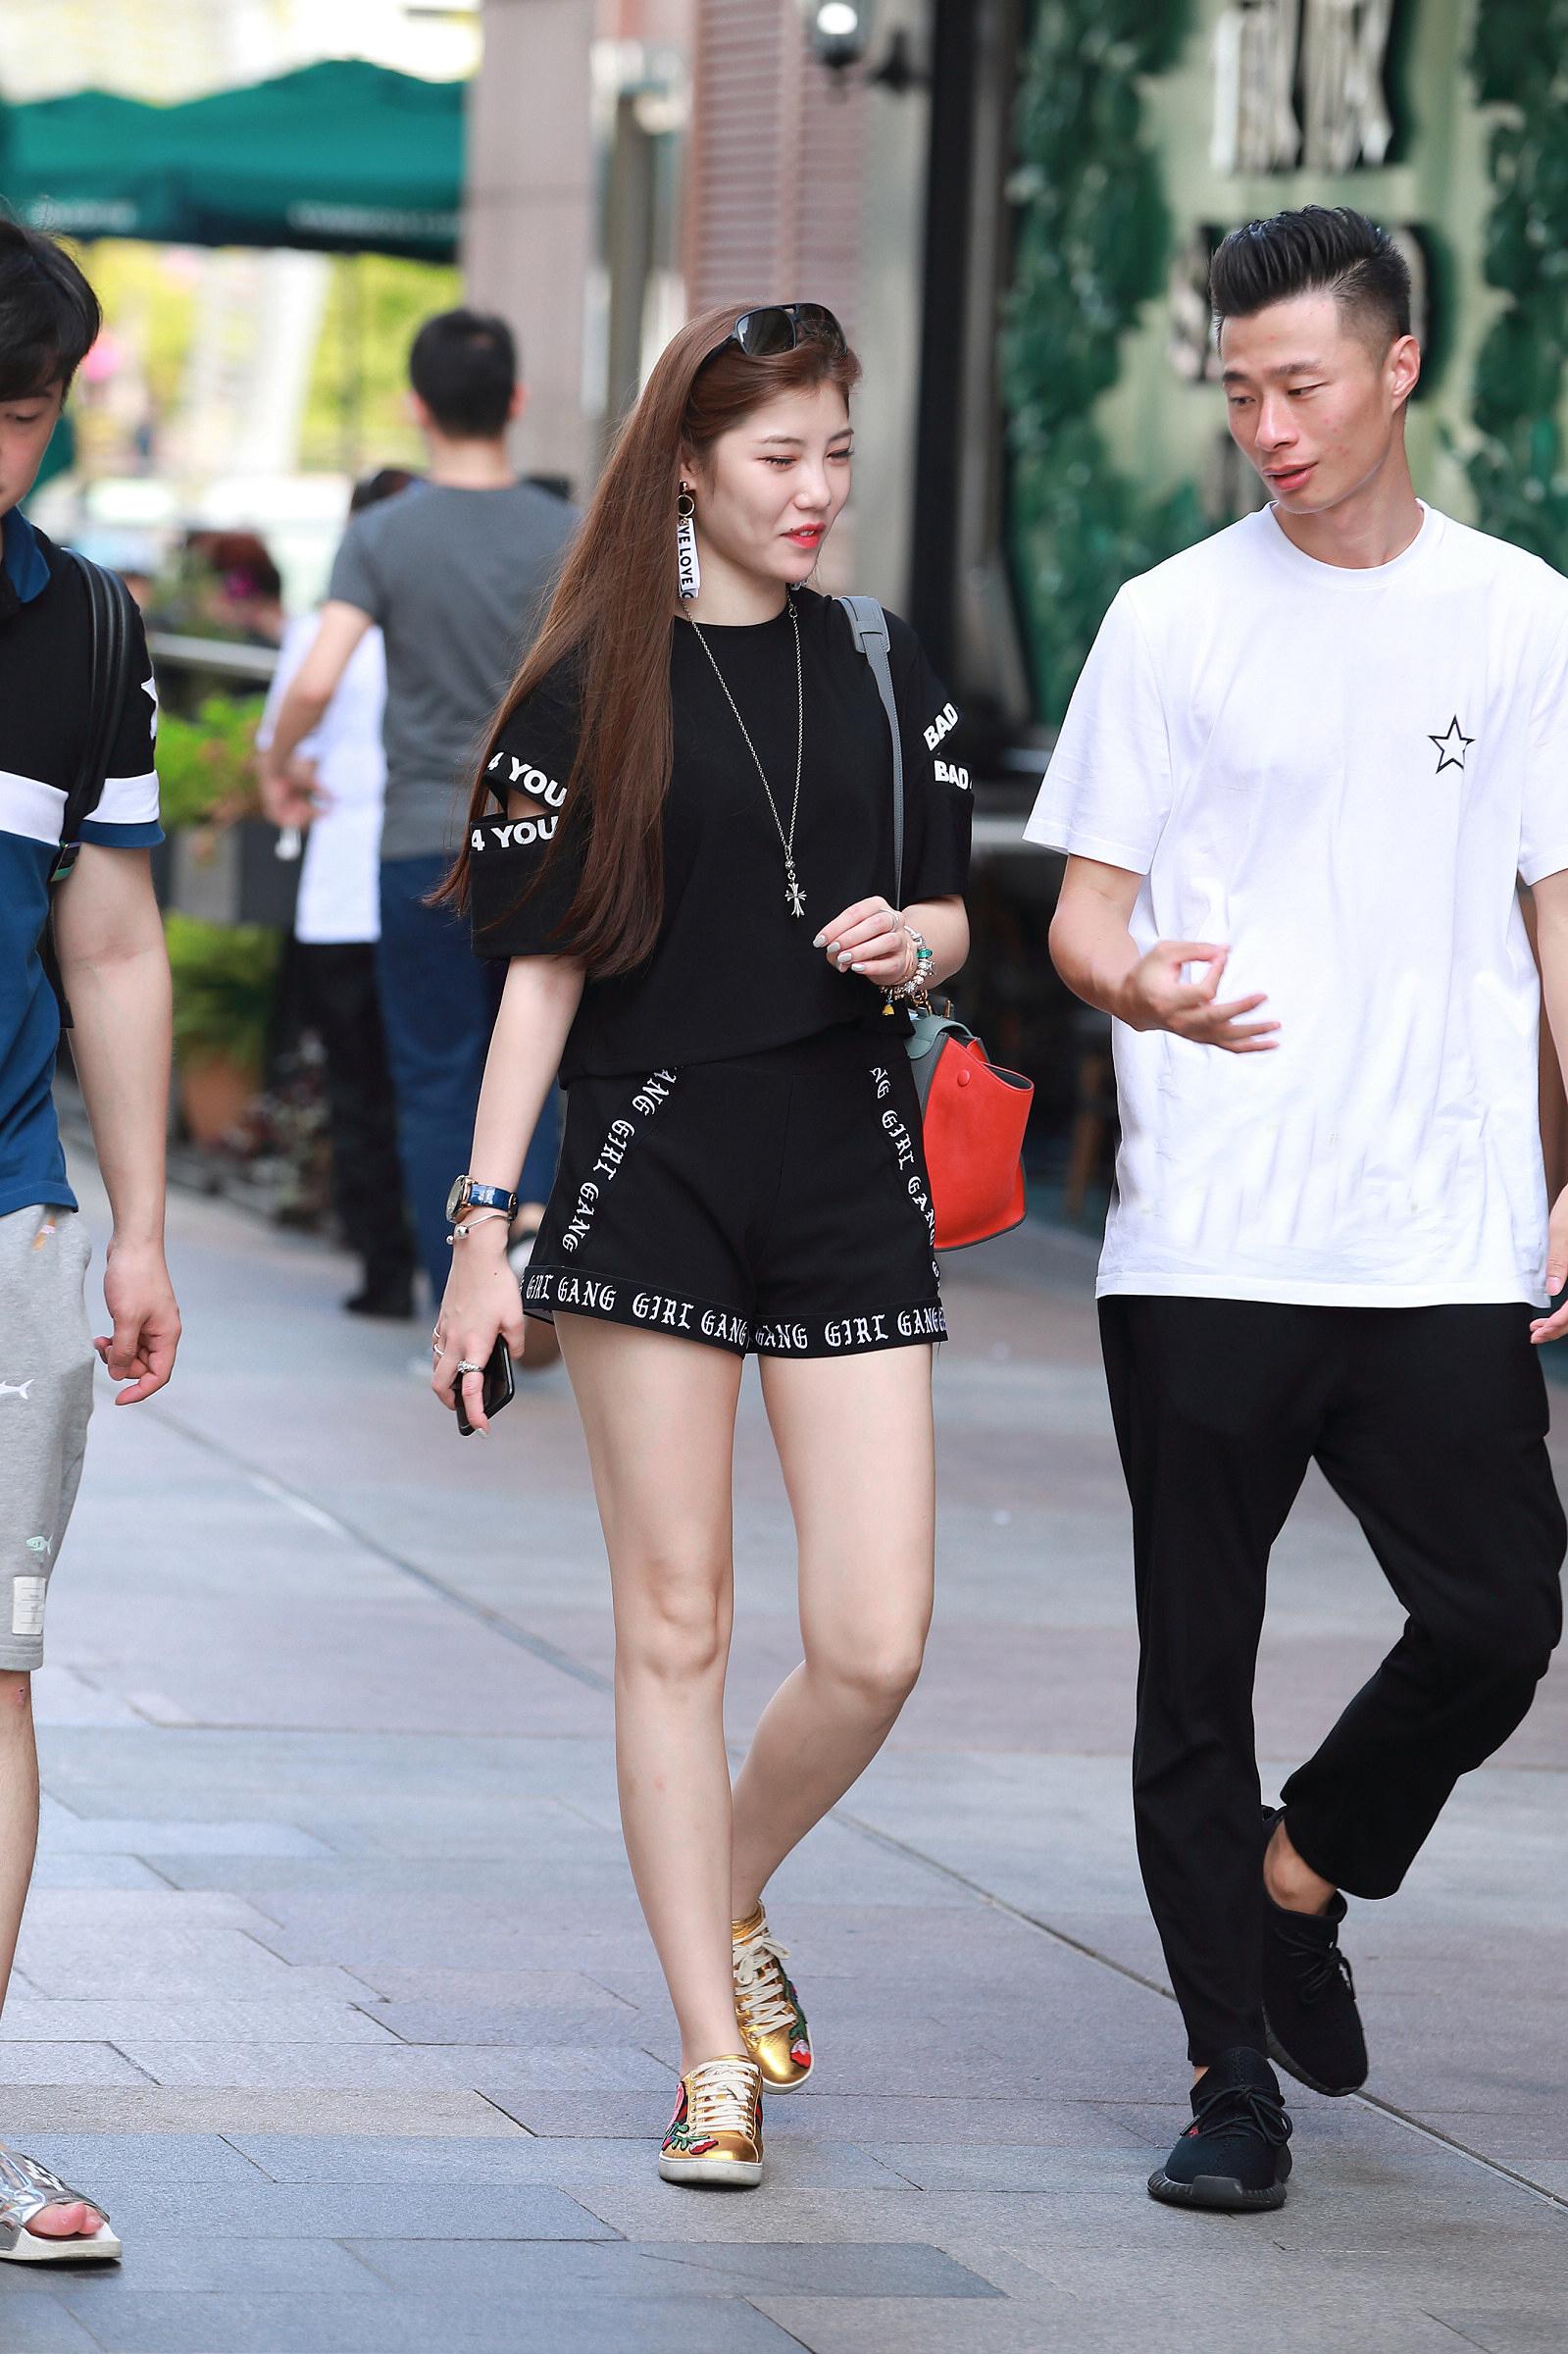 街拍:时尚潮流需要我们用心去发现,去尝试。